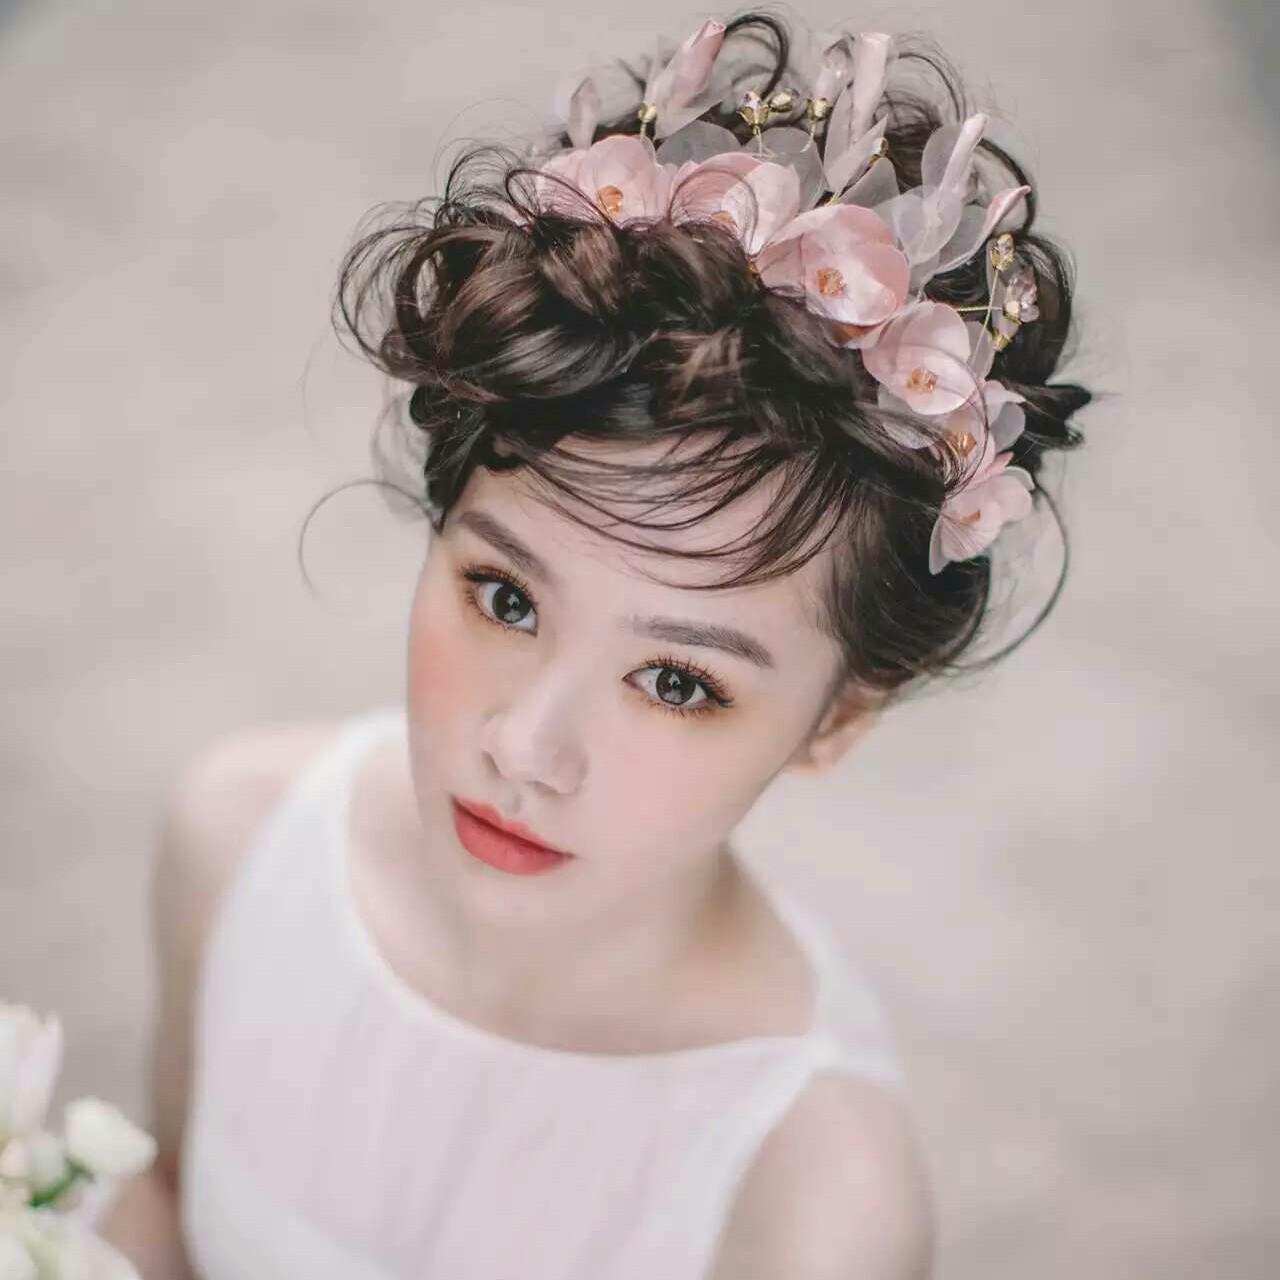 - 新娘试妆